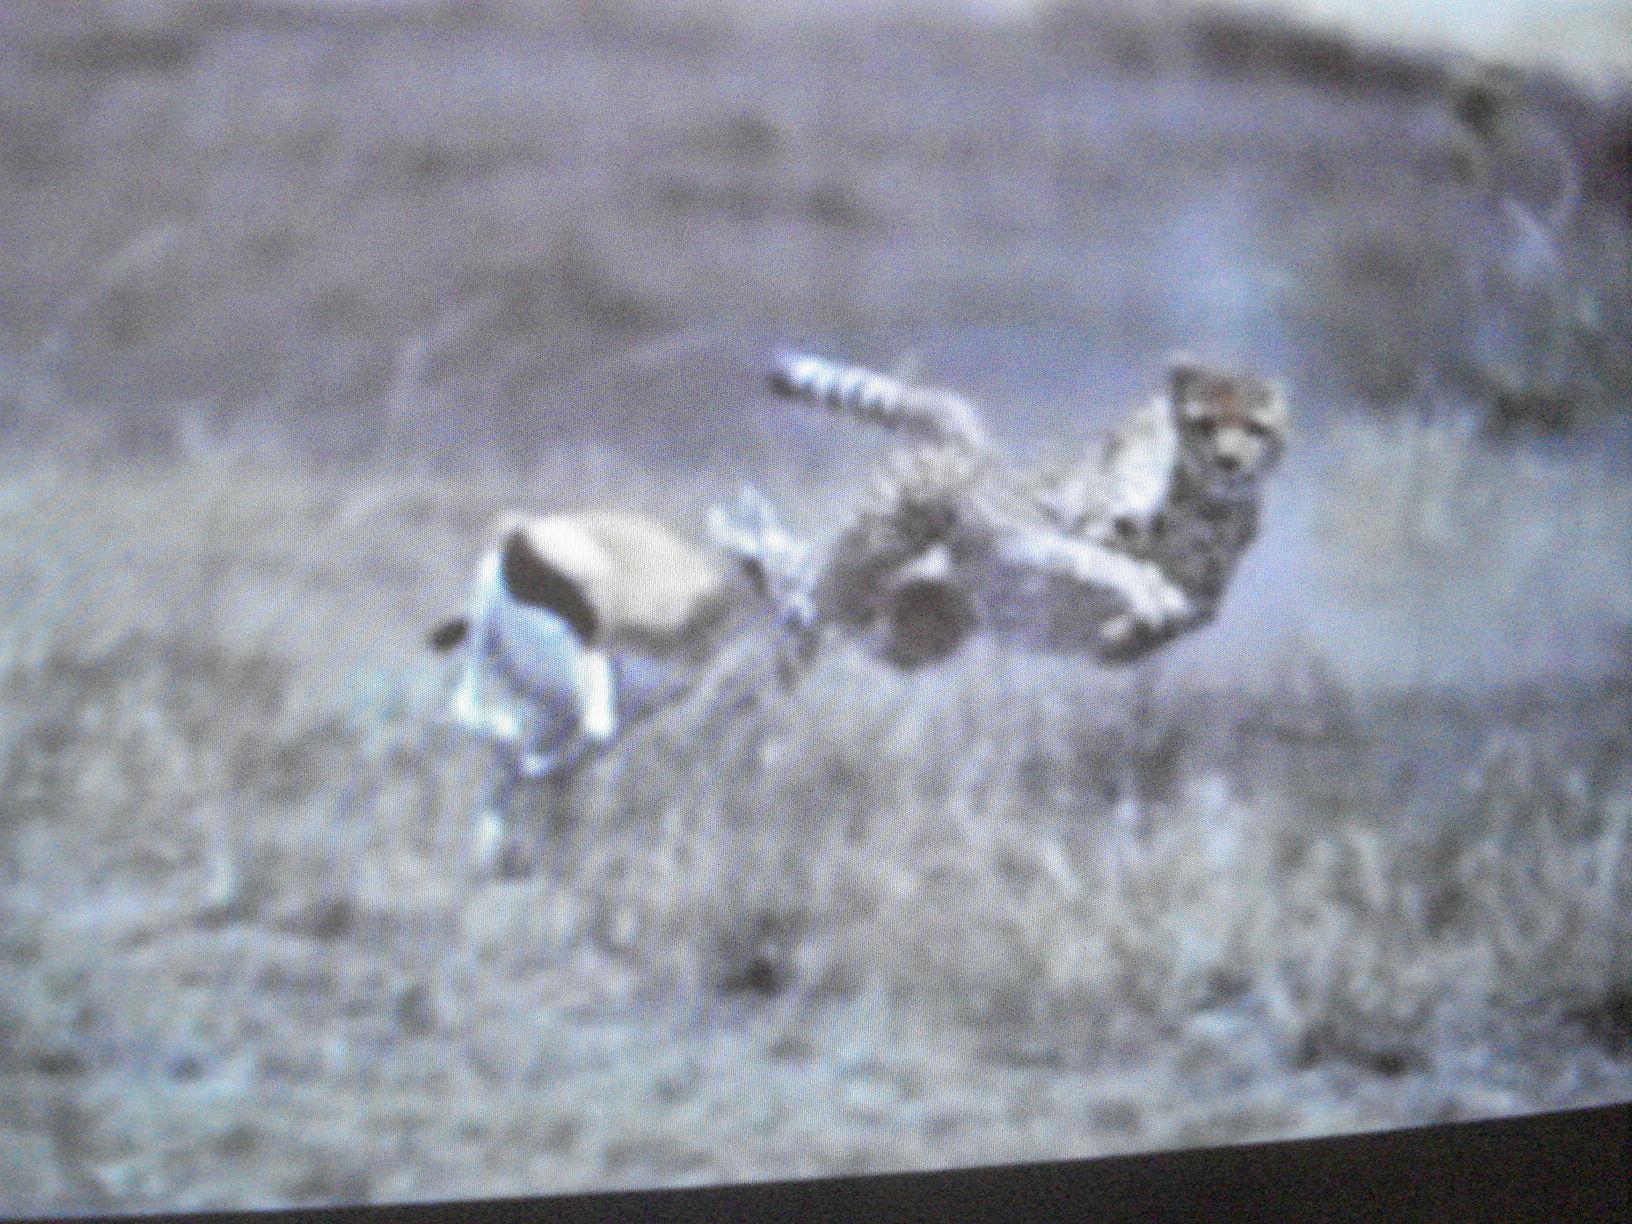 Espectaculares saltos en la desesperada carrera de predador y presa.